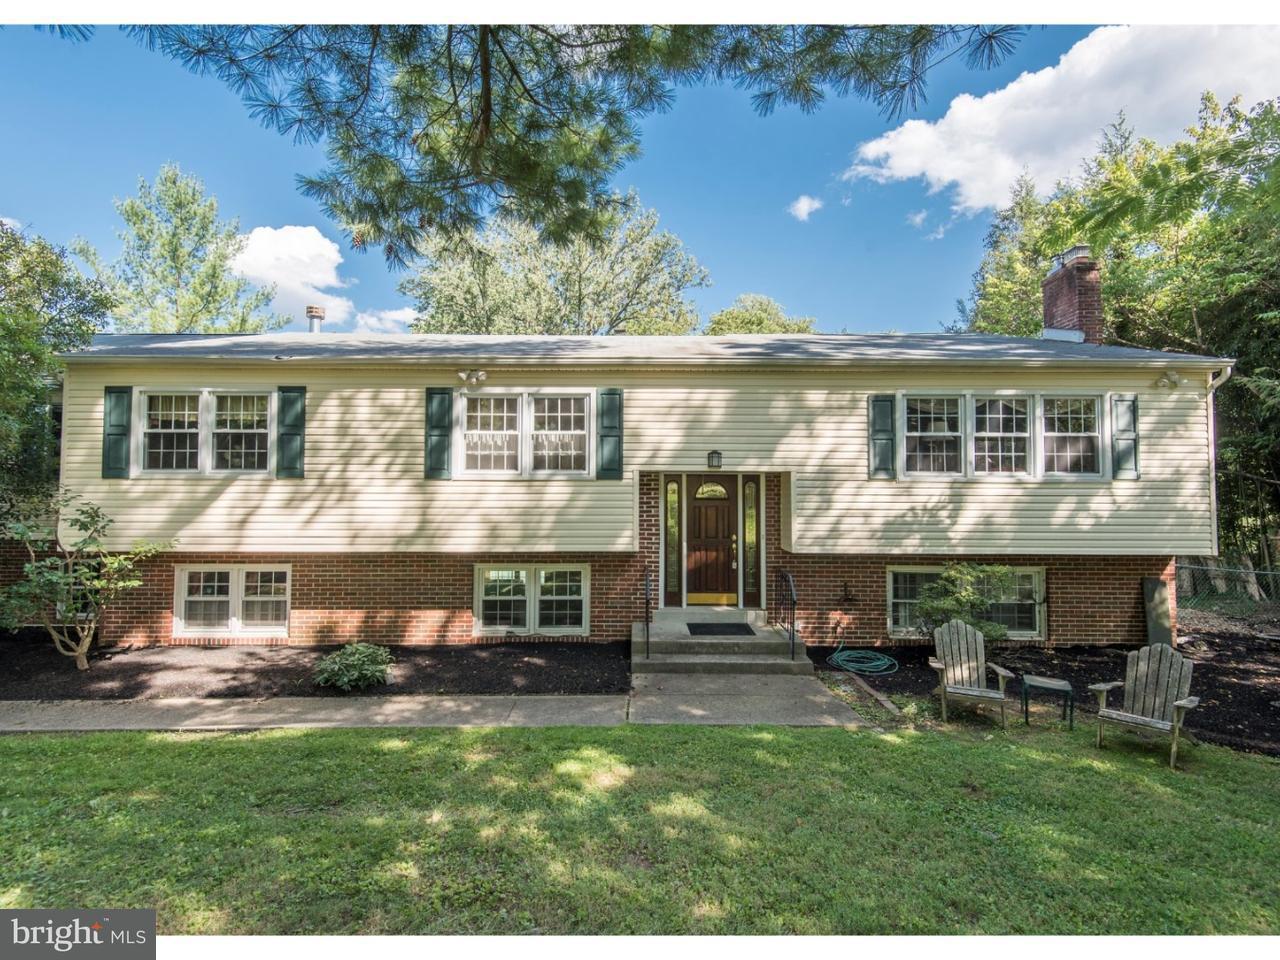 Частный односемейный дом для того Продажа на 30 BRIARCREST Drive Rose Valley, Пенсильвания 19086 Соединенные Штаты